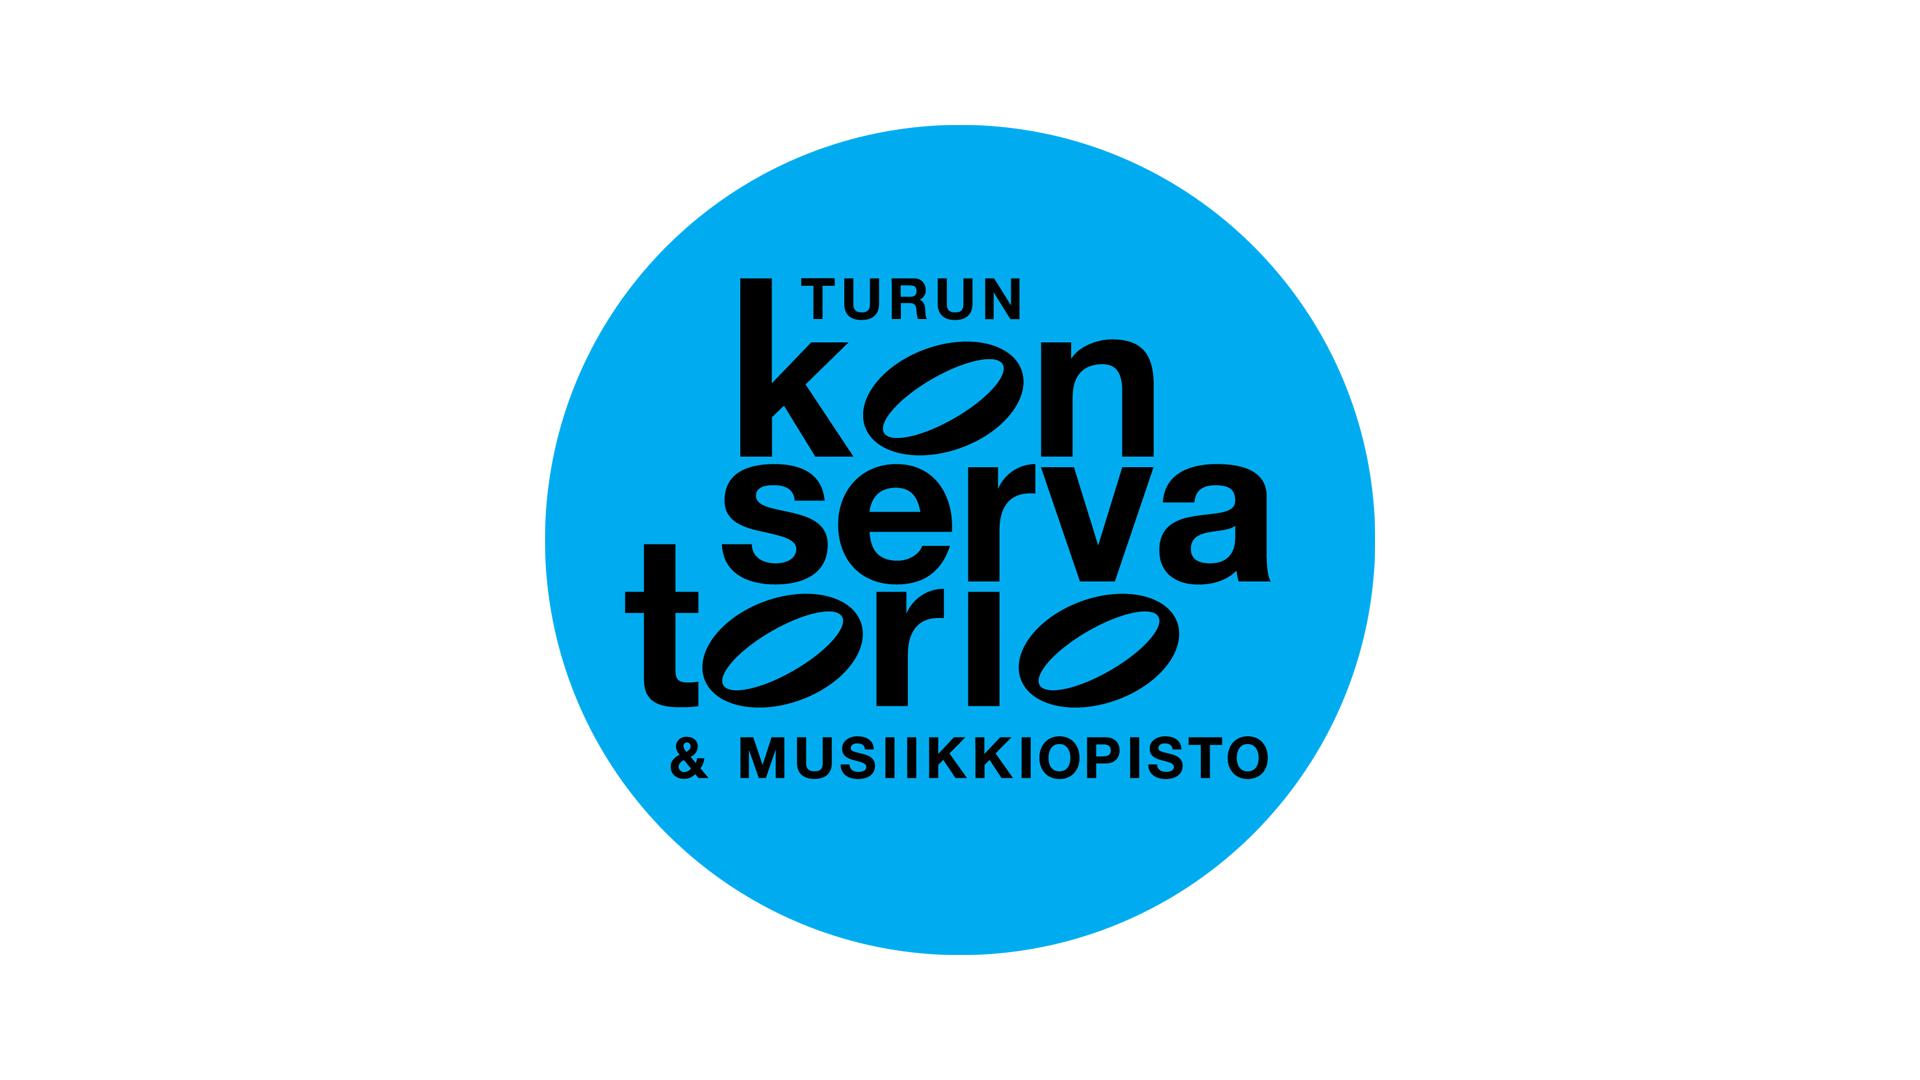 Musiikkiopisto Turku